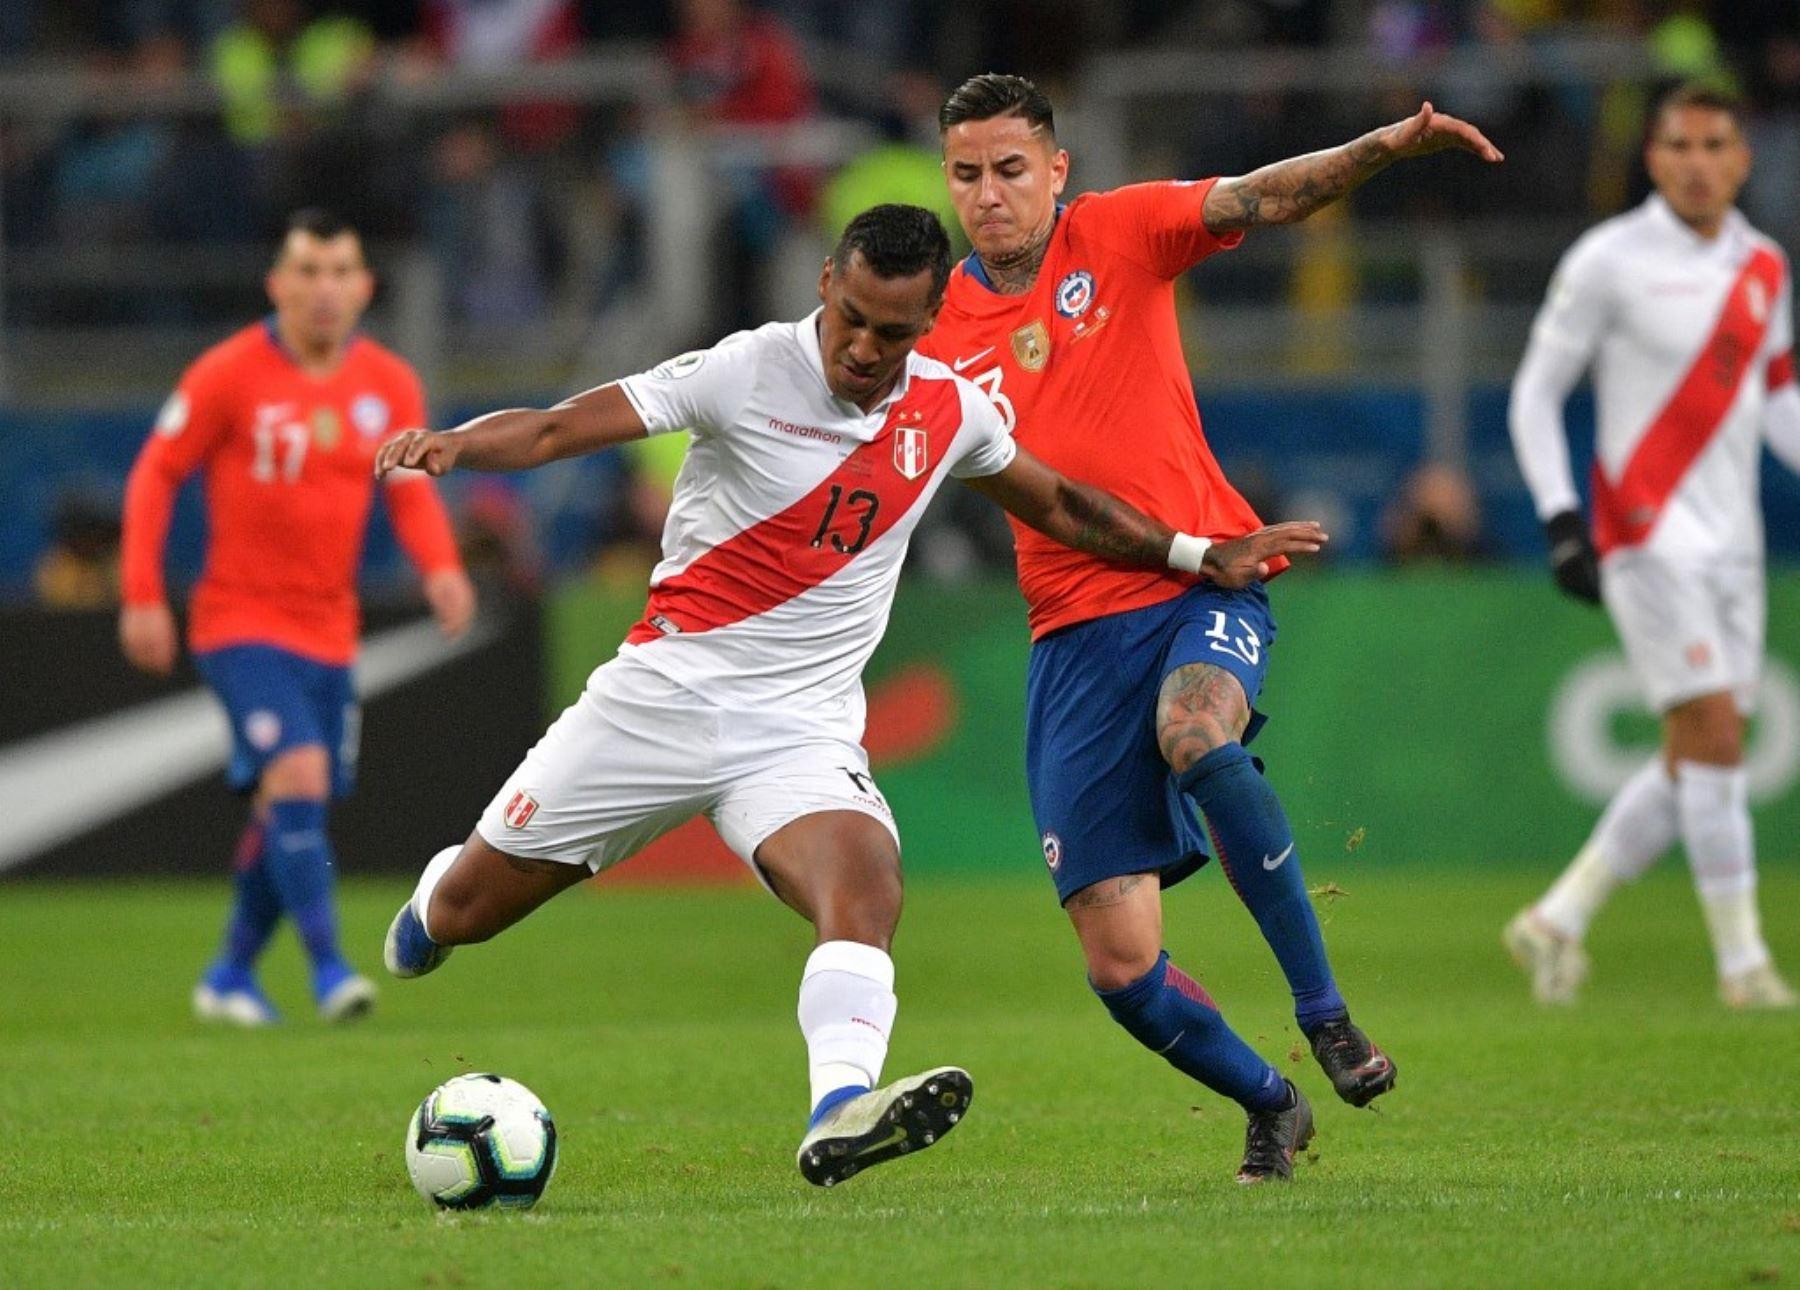 Selección peruana sale hoy a ganar o ganar a Chile en el Clásico del Pacífico